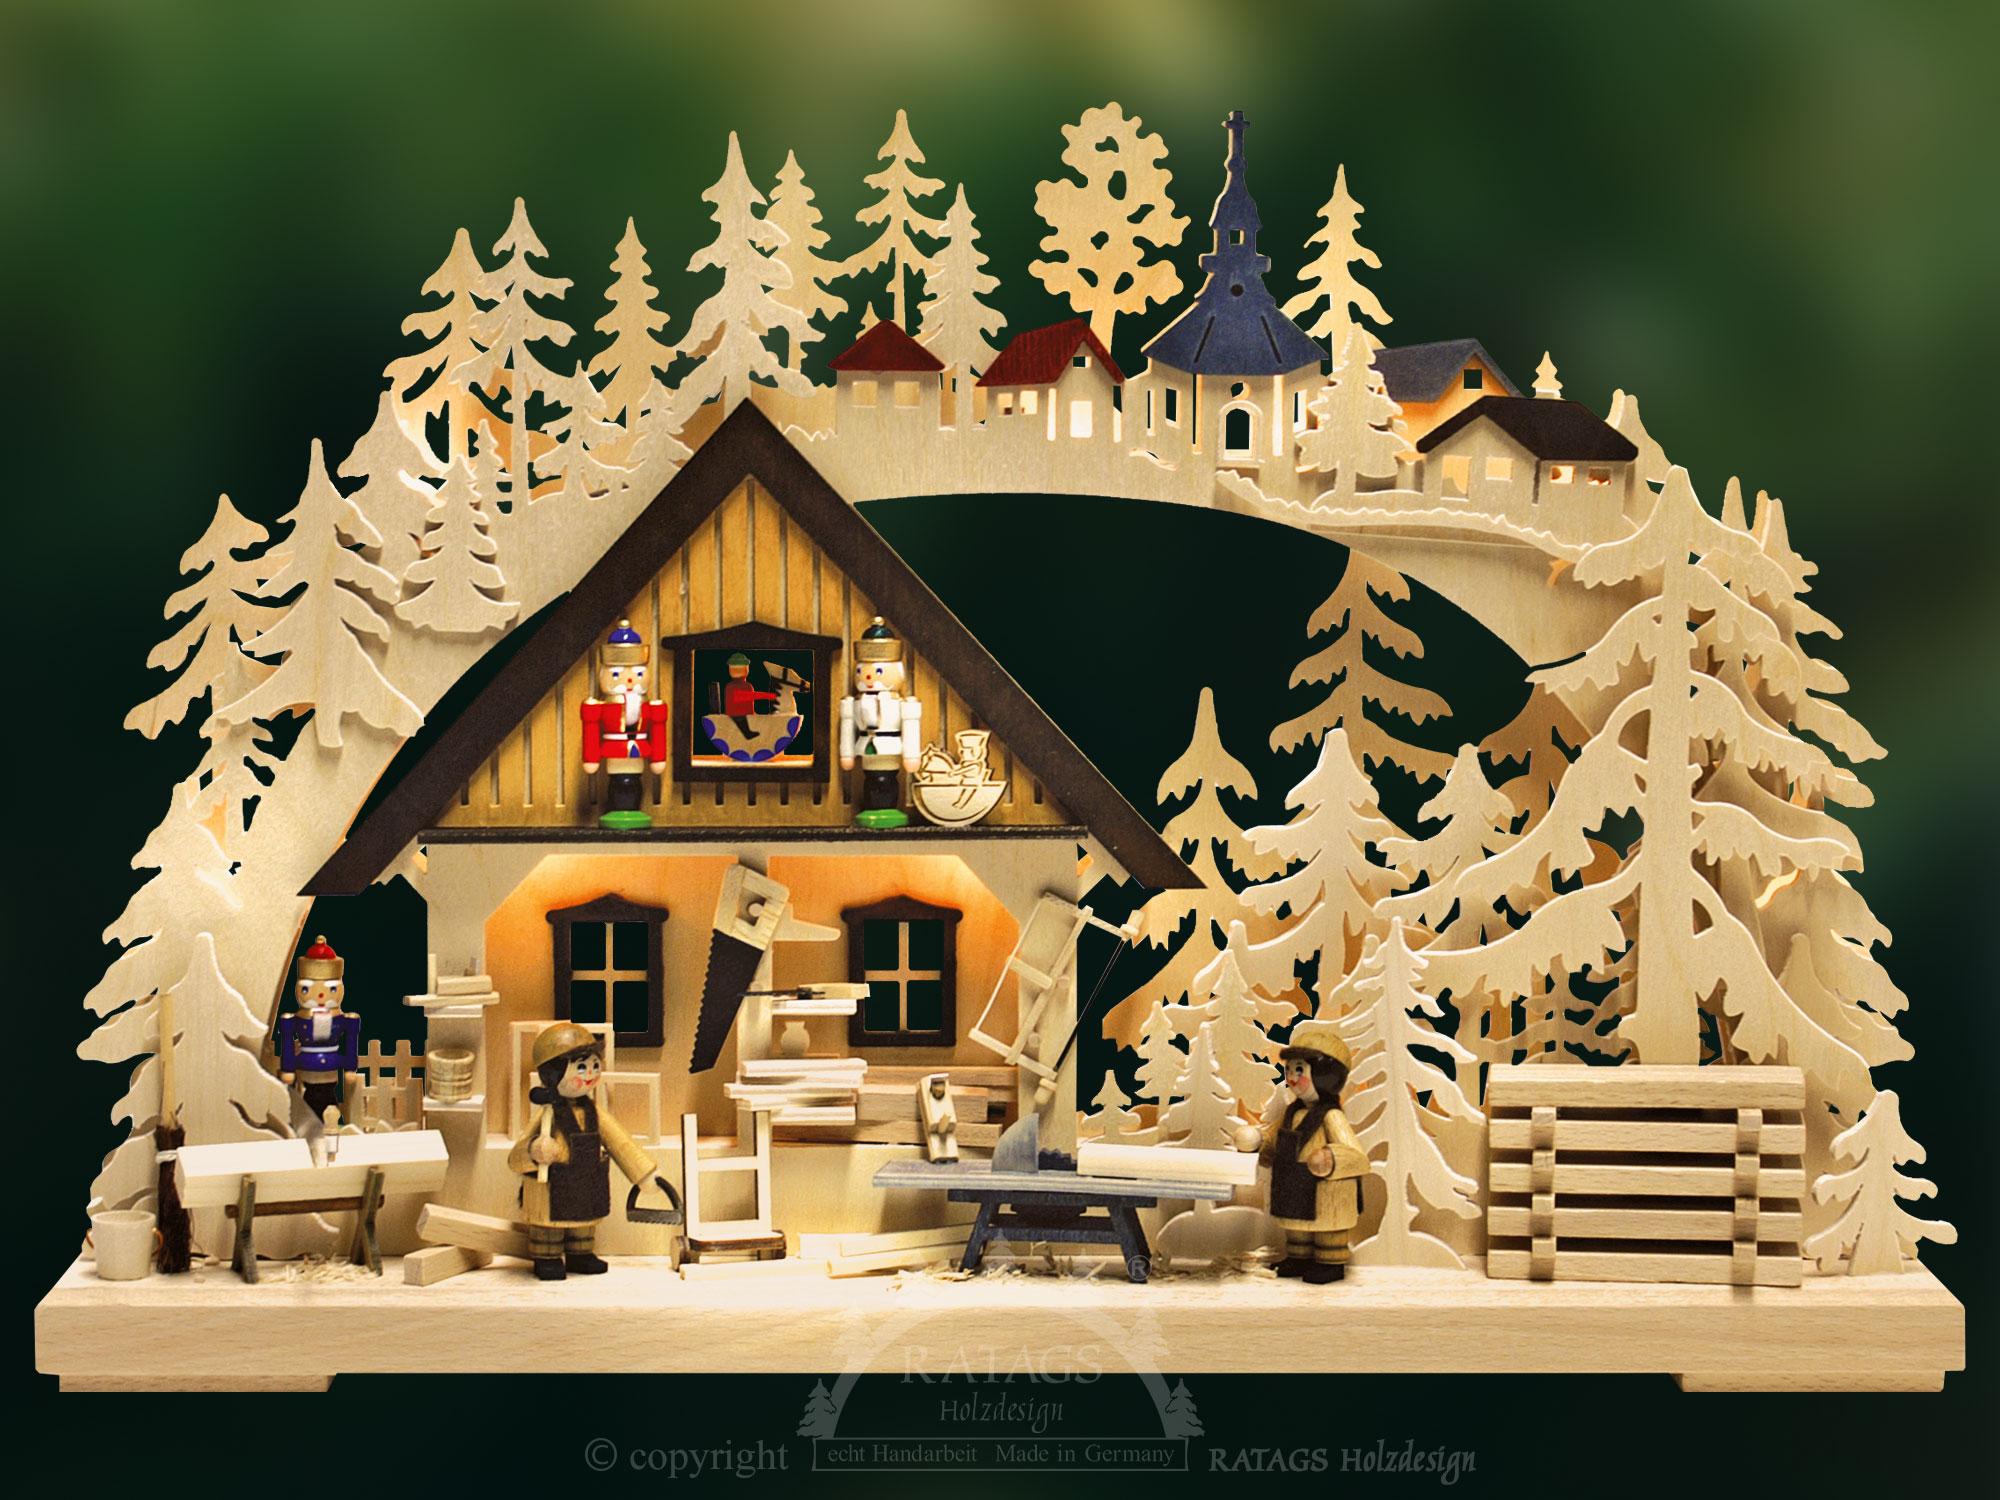 3d schwibbogen kl nu knackerwerkstatt handwerksstuben schwibbogen weihnachtsartikel. Black Bedroom Furniture Sets. Home Design Ideas